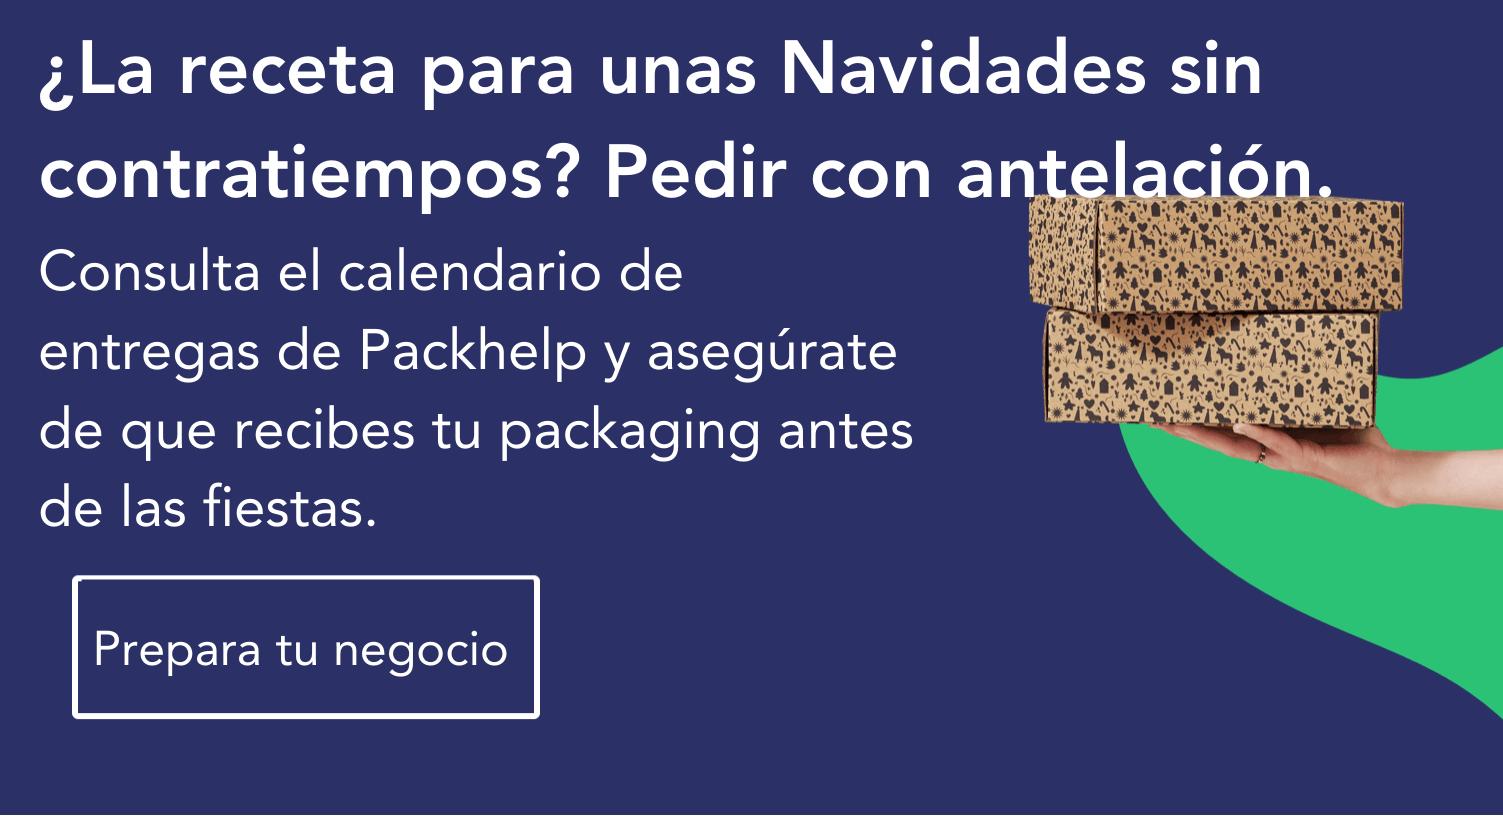 packaging navidad Packhelp